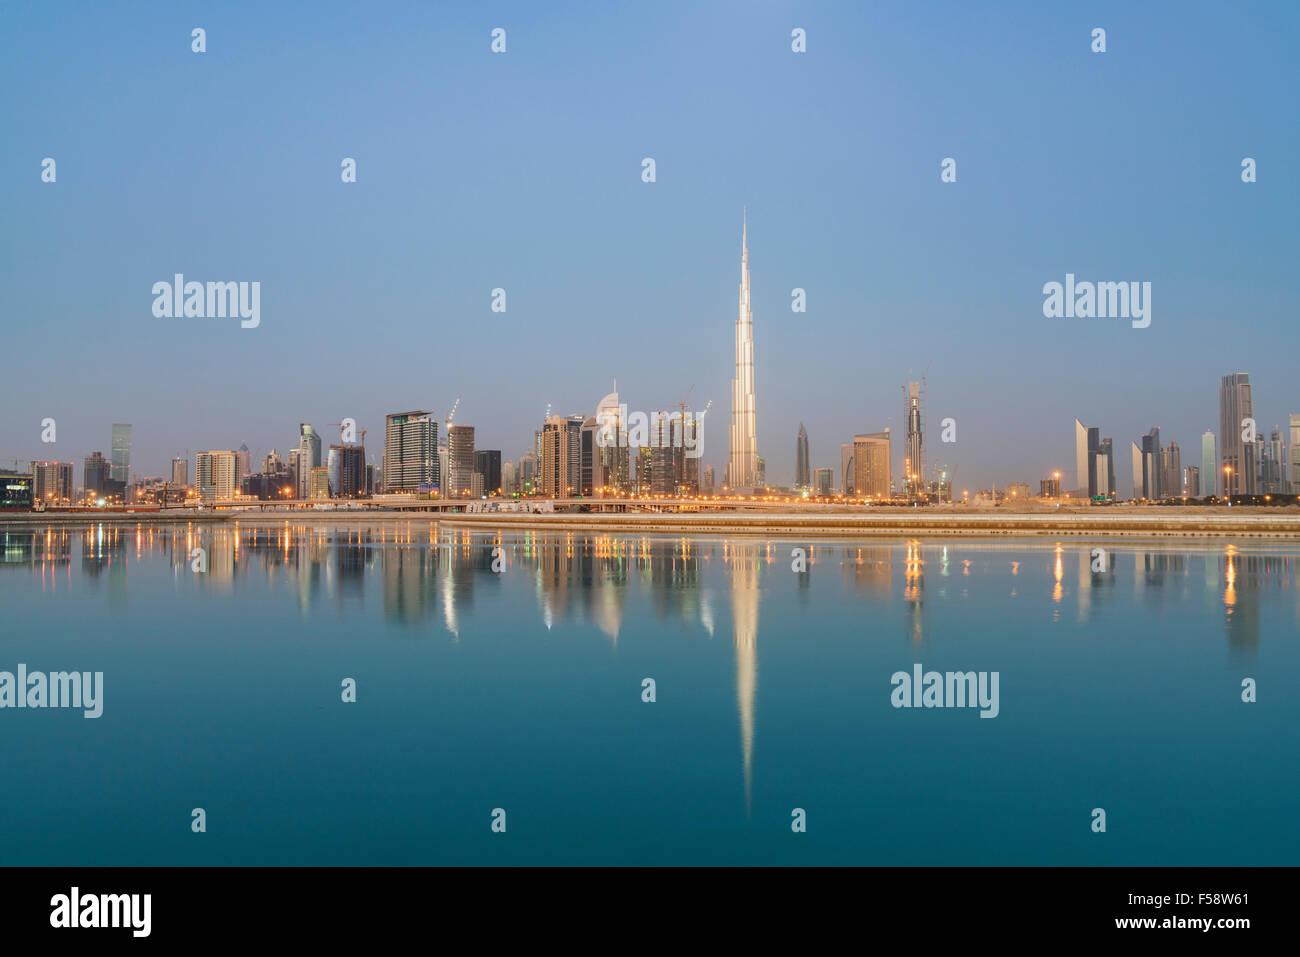 Skyline di grattacieli e Burj Khalifa Tower prima del sorgere del sole in Dubai Emirati Arabi Uniti Immagini Stock